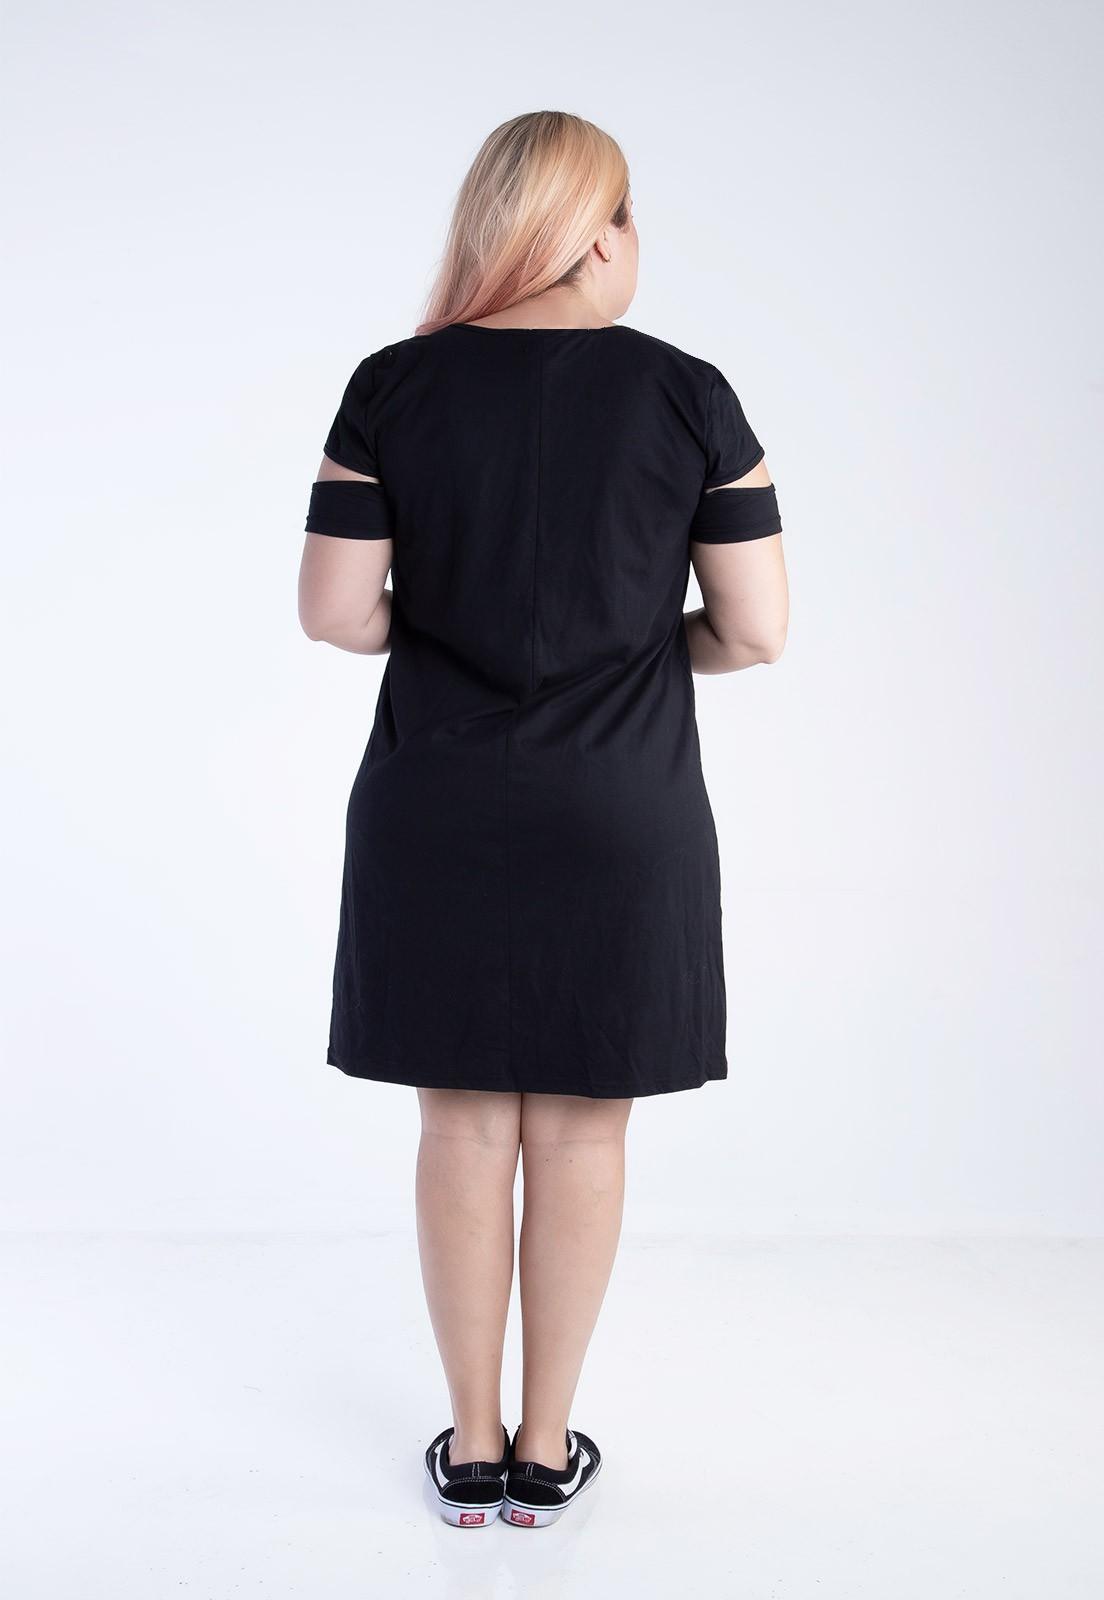 Vestido plus size preto com recortes no braço